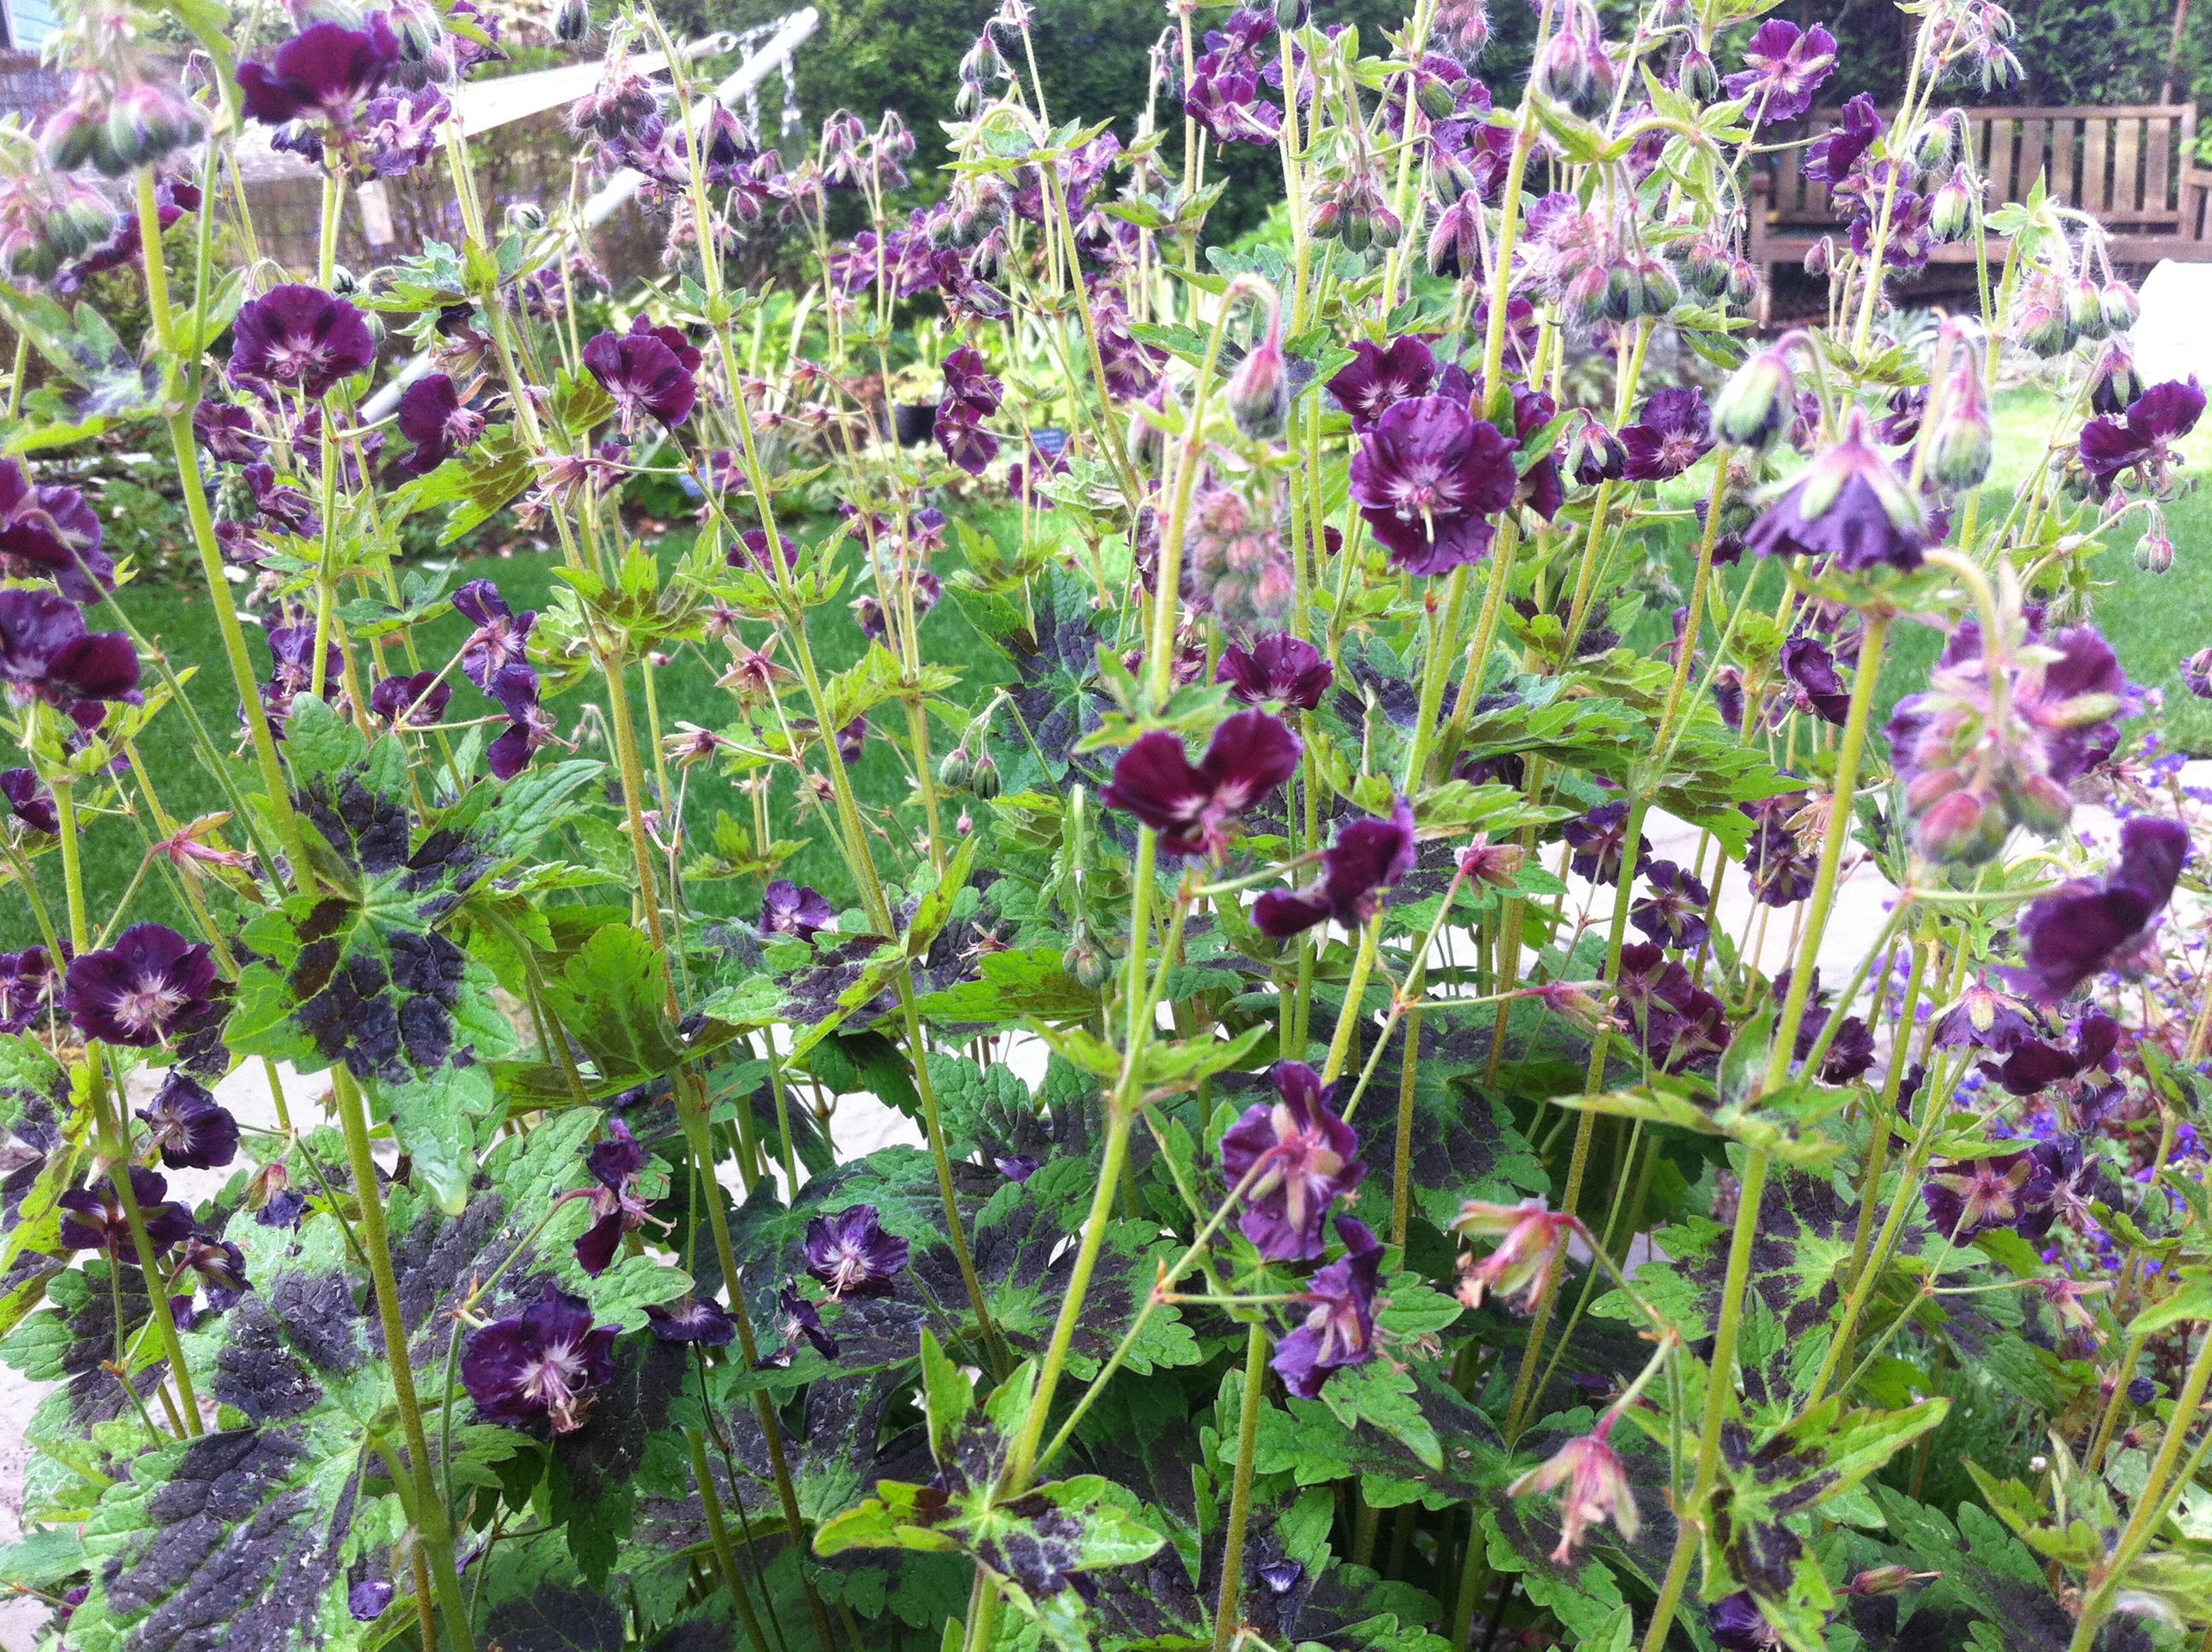 Geranium phaeum 'Samobor' | Gardening in My Rubber Boots